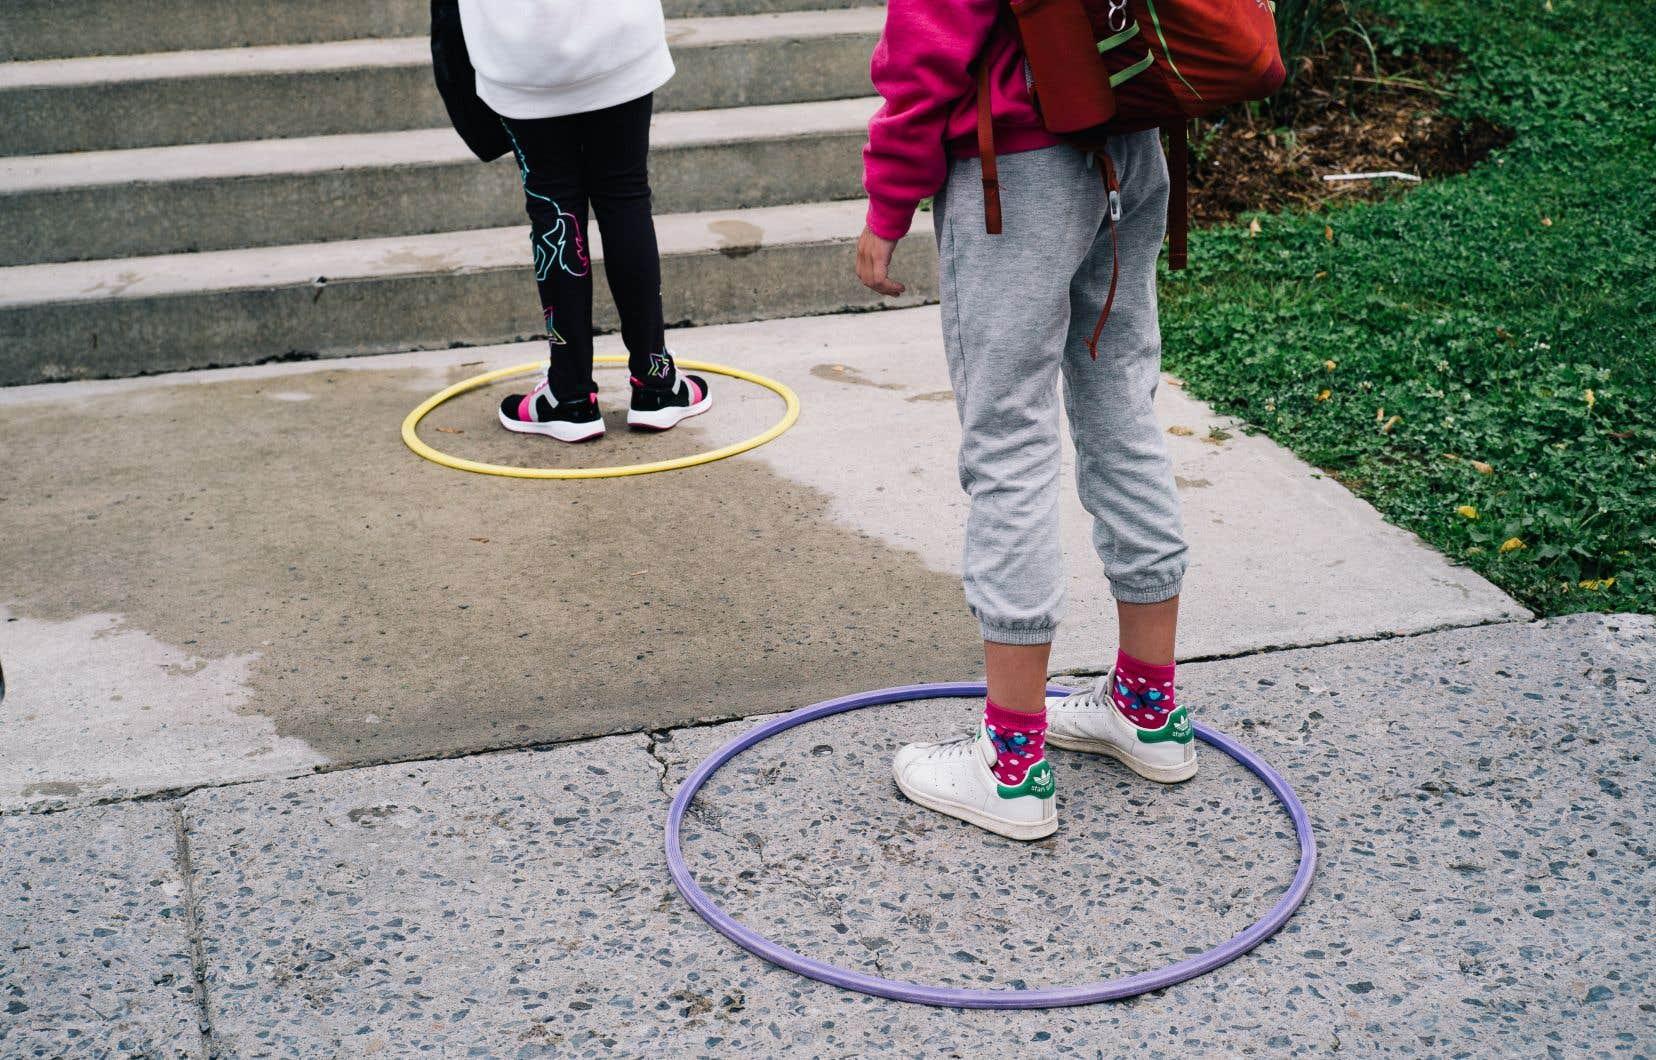 Les mesures sanitaires en place donnent un drôle d'aspect à la rentrée scolaire 2020.